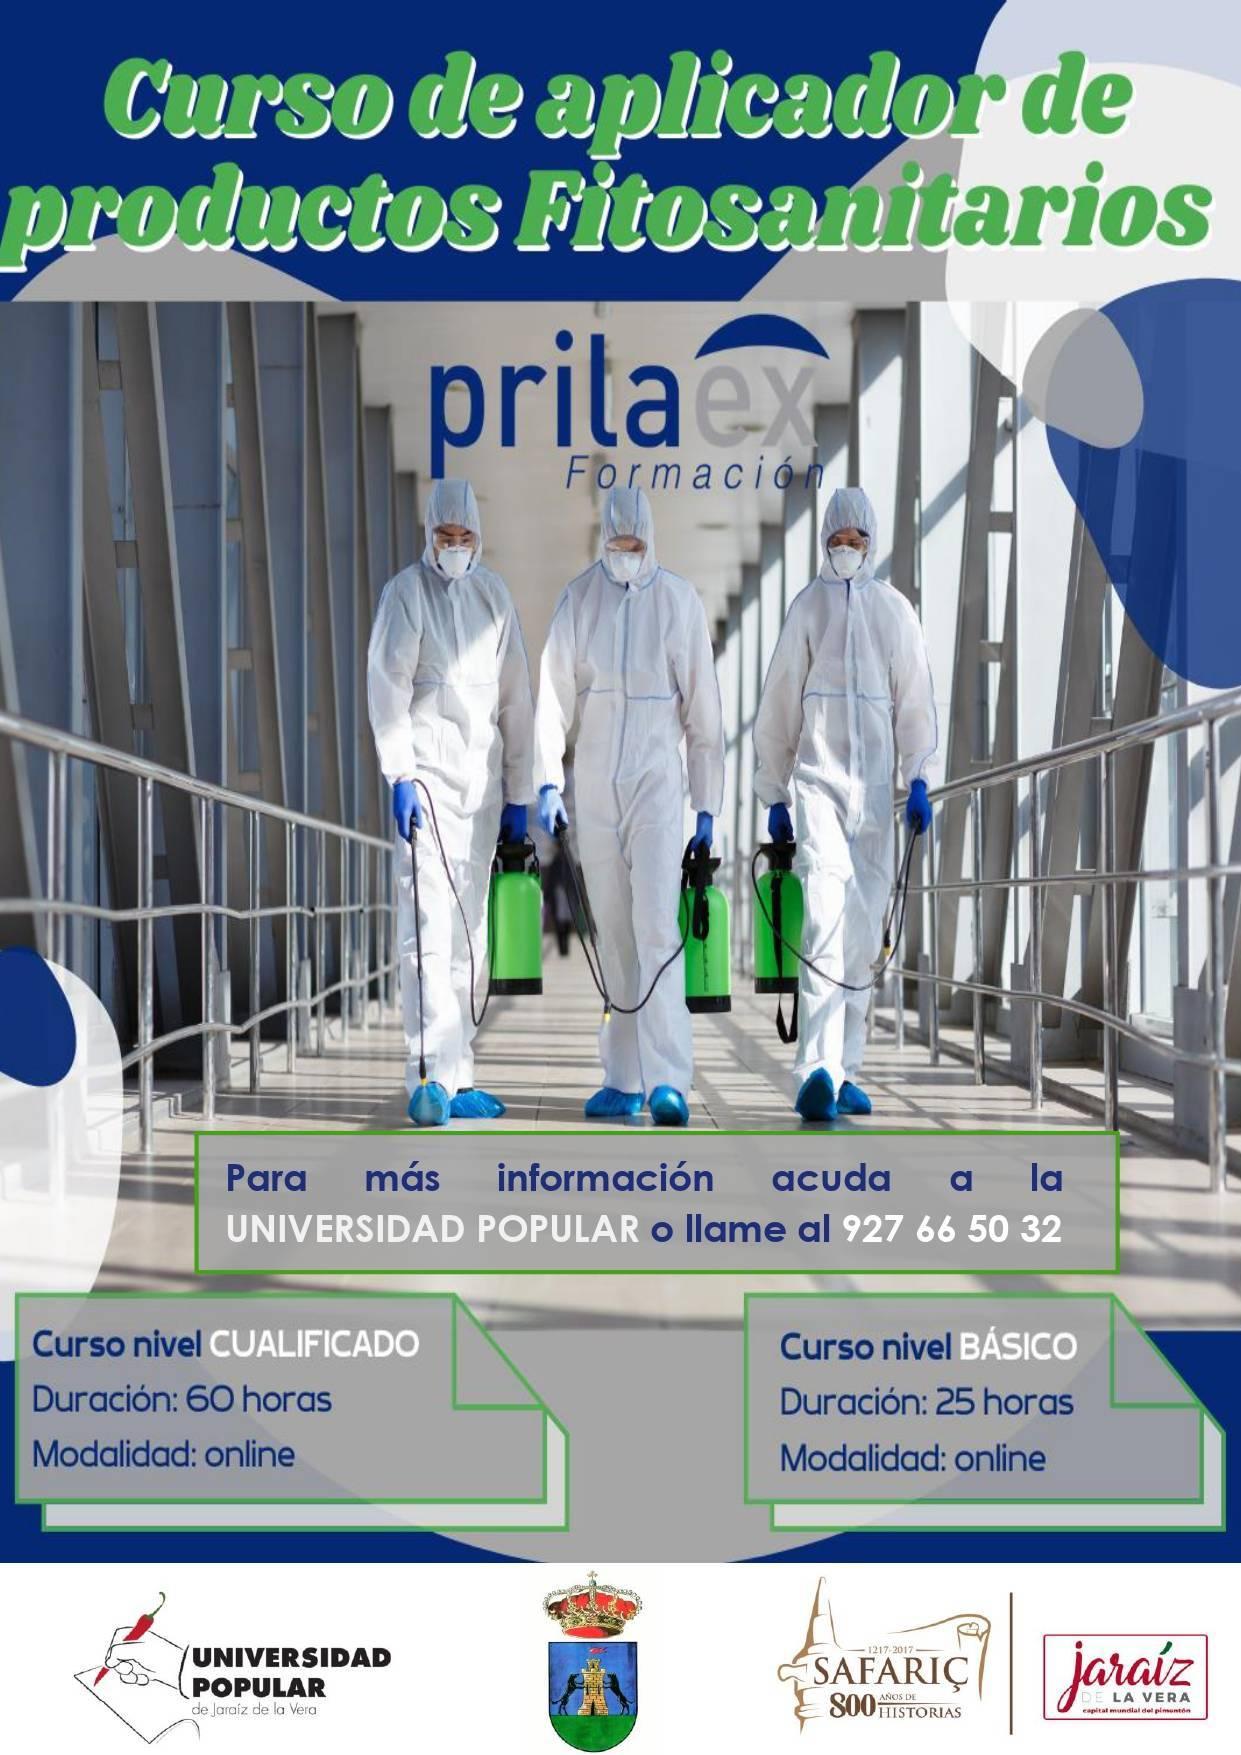 Curso de aplicador de productos fitosanitarios (2021) - Jaraíz de la Vera (Cáceres)